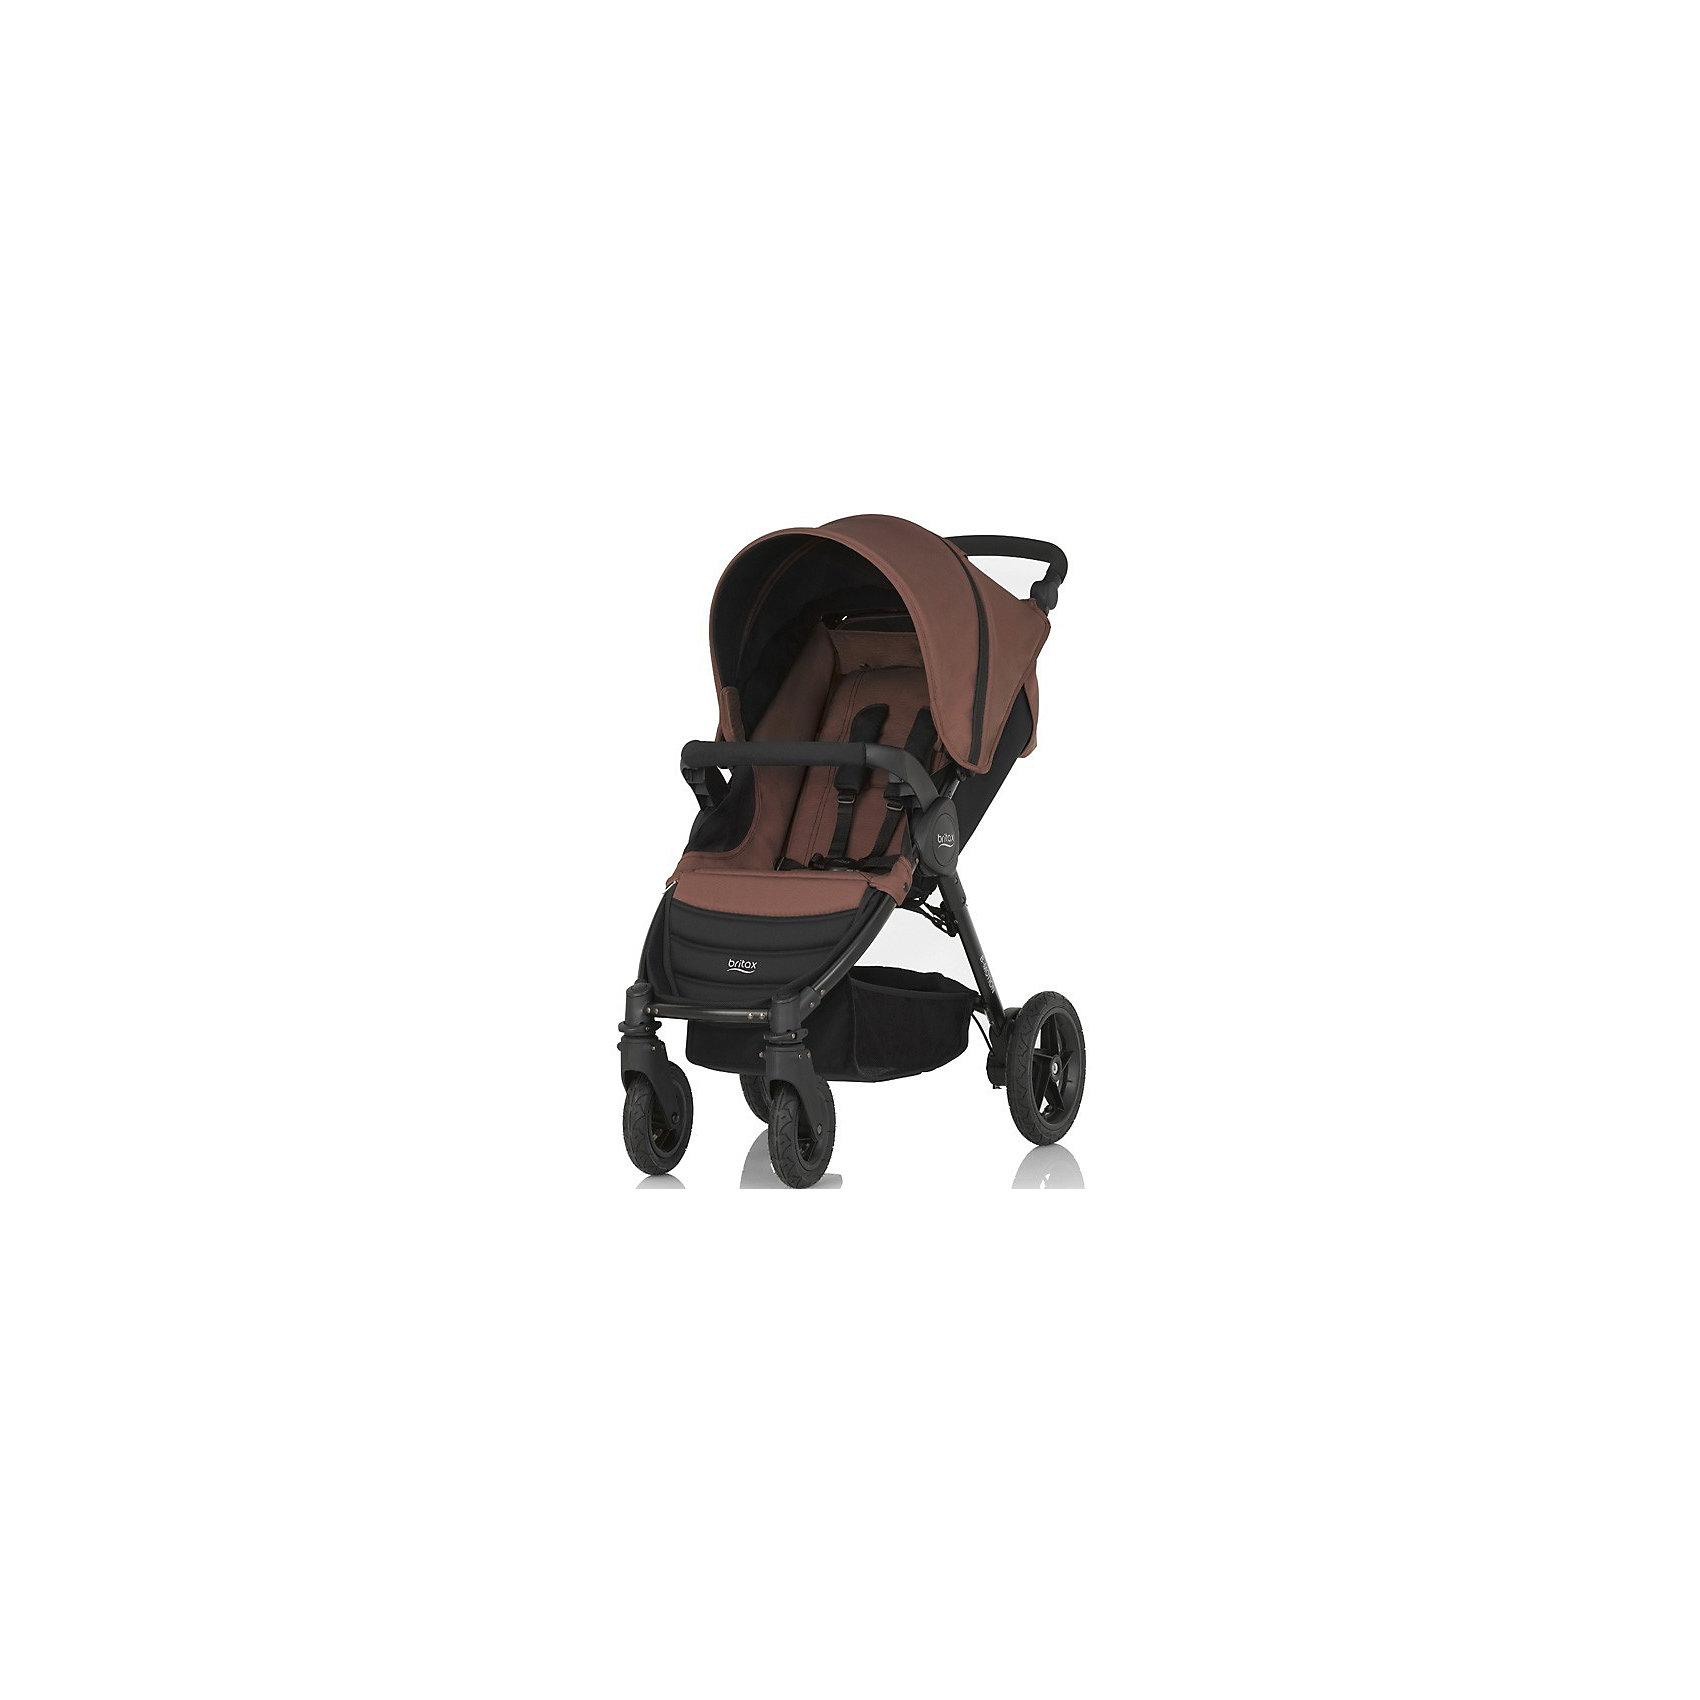 Прогулочная коляска B-Motion 4, Britax, Wood BrownКоляска B-Motion 4, Britax - прекрасный вариант для прогулок, путешествий и активного отдыха! Коляска имеет систему амортизации, передние поворотные колеса, небольшую ширину алюминиевой рамы, что гарантирует удобство, манёвренность и проходимость. Модель легко складывается одной рукой, имеет ножной тормоз и автоматическую блокировку складывания. Удобное сиденье эргономичной формы, подножка и регулируемая спинка обеспечат малышу спокойный и комфортный отдых, а пятиточечные страховочные ремни с мягкими накладками и съемный бампер  гарантируют безопасность. Благодаря встроенным переходникам Click&amp;Go на шасси коляски можно легко и быстро установить люльку или детское автокресло Baby-Safe, Baby-Safe Sleeper.<br><br>Дополнительная информация:<br><br>- Материал: алюминий, пластик, резина, текстиль.<br>- Тип складывания: книжка.<br>- Размер: 105?58?100  см.<br>- Размер в сложенном виде: 27х58х70 см<br>- Размер сиденья: 24х29 см. <br>- Ширина шасси: 58 см.<br>- Ширина сиденья: 35 см. <br>- Вес: 10,5 кг.<br>- Диаметр колес: заднее - 22,5 см;  переднее - 13,5 см.<br>- Регулируемая высота ручки. <br>- Передние поворотные колеса с фиксацией.<br>- Возможность установки на шасси коляски люльки или автокресла группы 0+.<br>- Ножной тормоз.<br>- Регулируемый наклон спинки (до положения лежа).<br>- Пятиточечные ремни безопасности.<br>- Регулируемая подножка.<br>- Съемный бампер. <br>- Корзина для вещей.<br>- Максимальная нагрузка: 20 кг .<br><br>Прогулочную коляску B-Motion 4, Britax (Бритакс), Wood Brown, можно купить в нашем магазине.<br><br>Ширина мм: 700<br>Глубина мм: 380<br>Высота мм: 270<br>Вес г: 10500<br>Возраст от месяцев: 0<br>Возраст до месяцев: 48<br>Пол: Унисекс<br>Возраст: Детский<br>SKU: 4722159